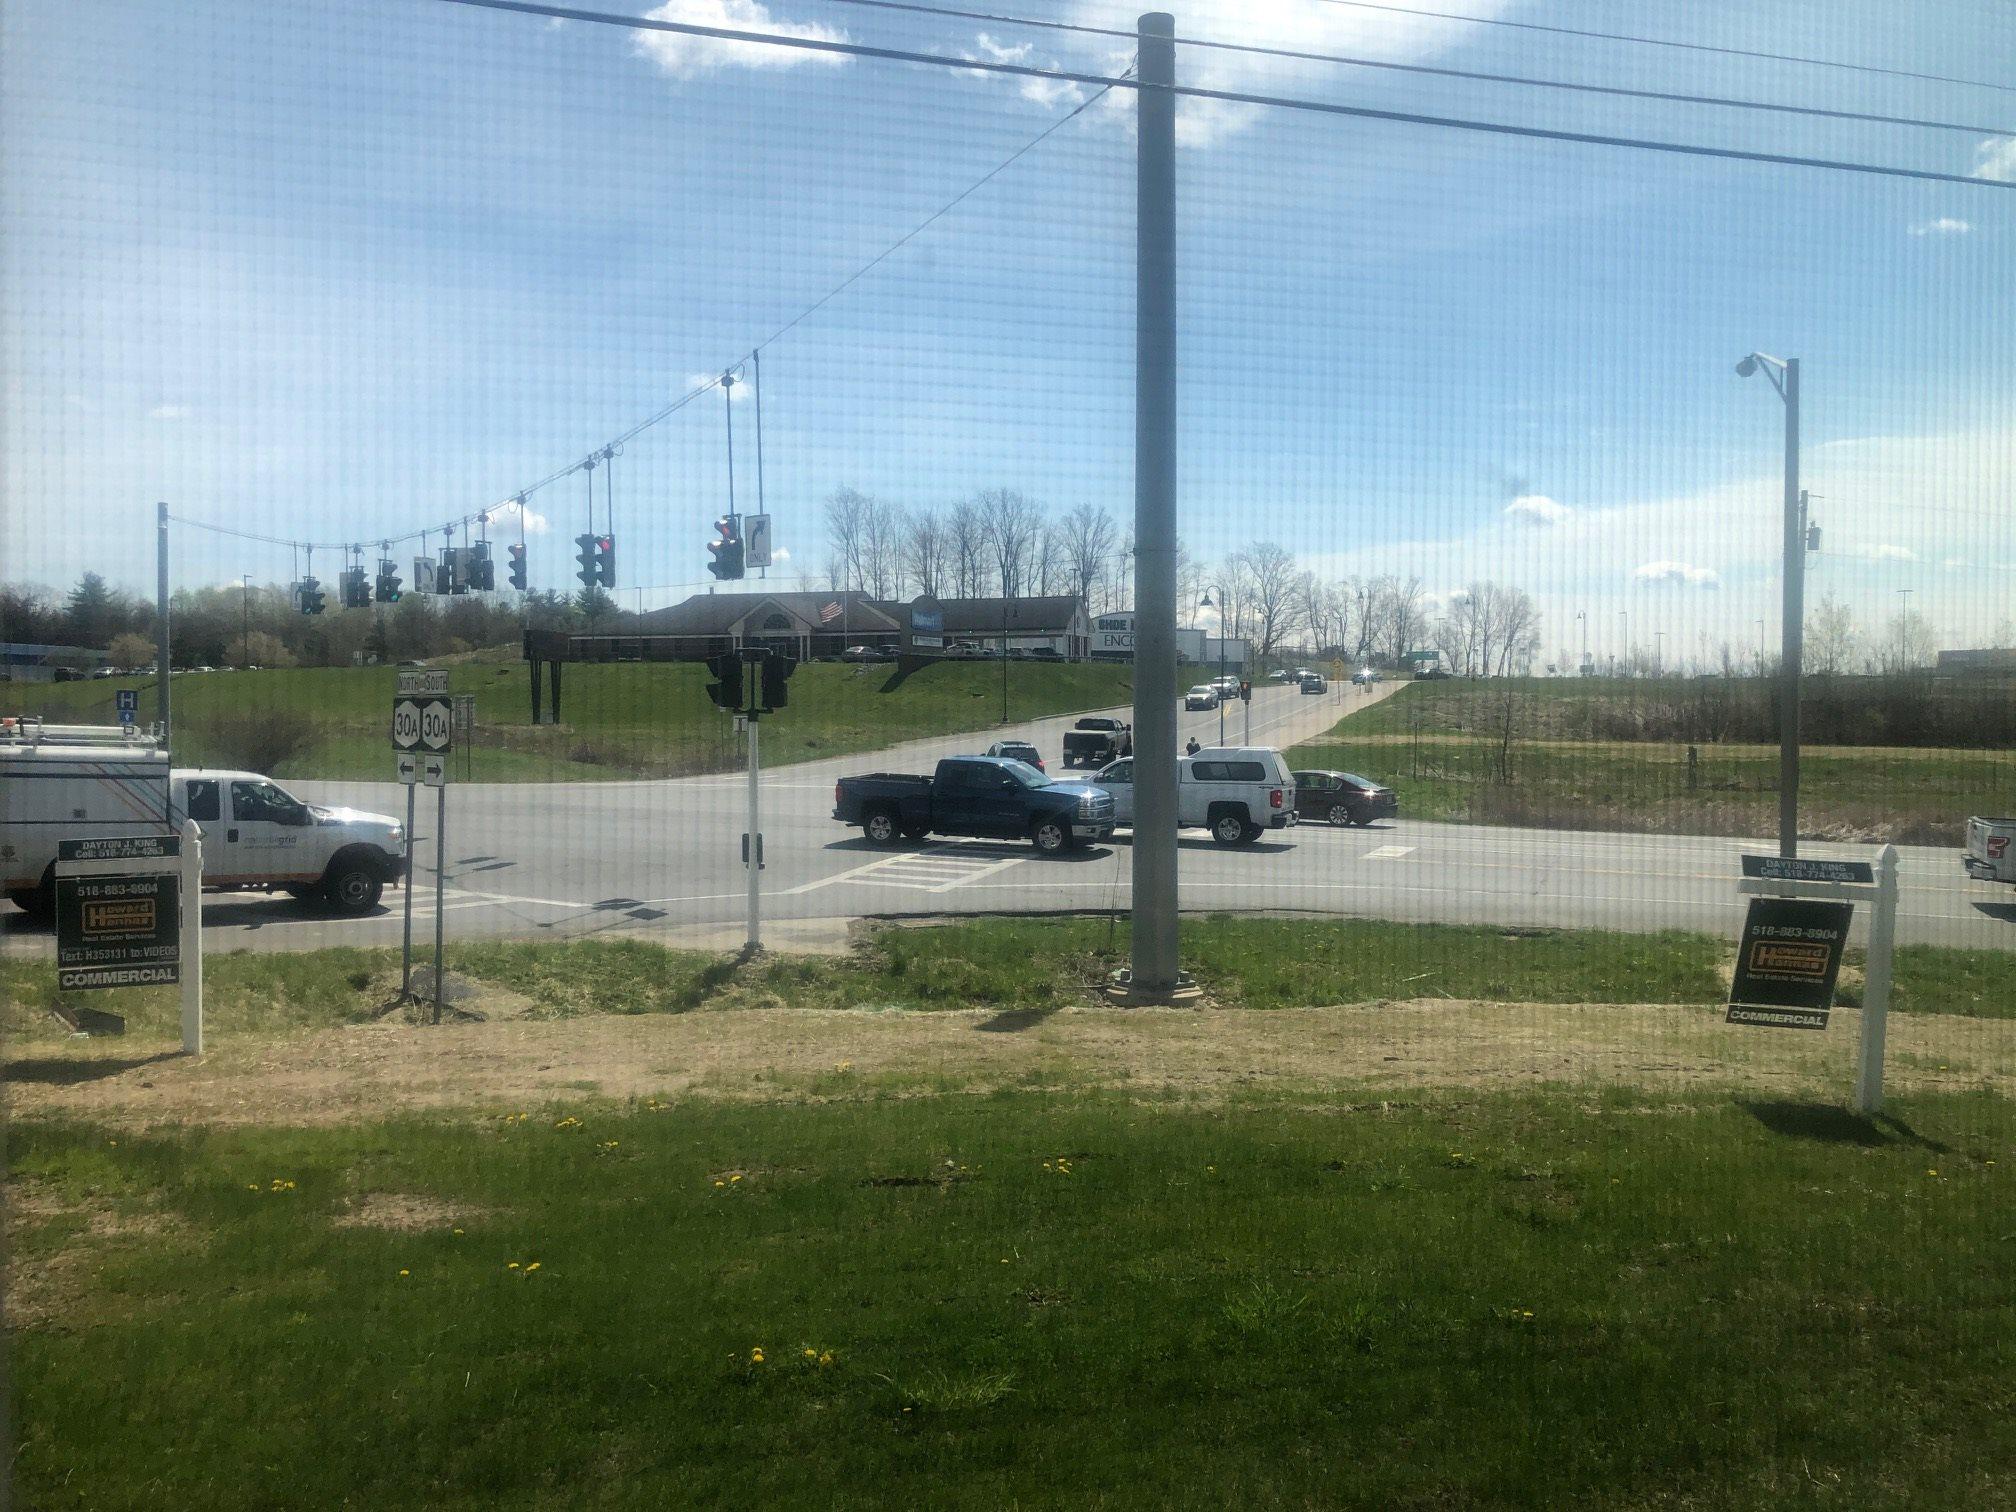 Gloversville image 50